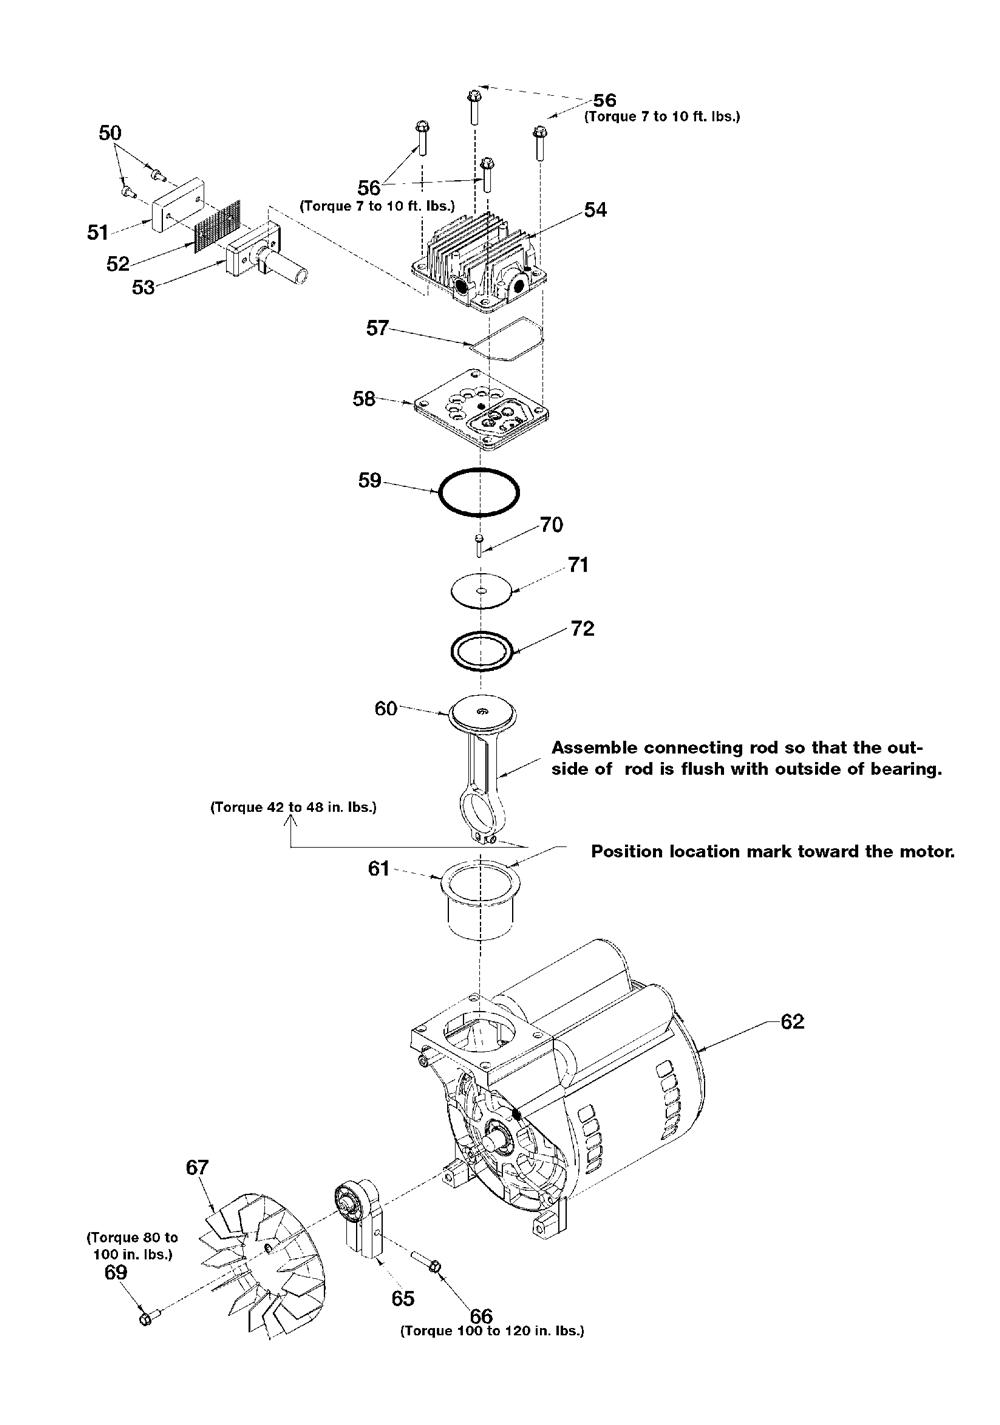 HFB412-Devilbiss-T0-PB-1Break Down